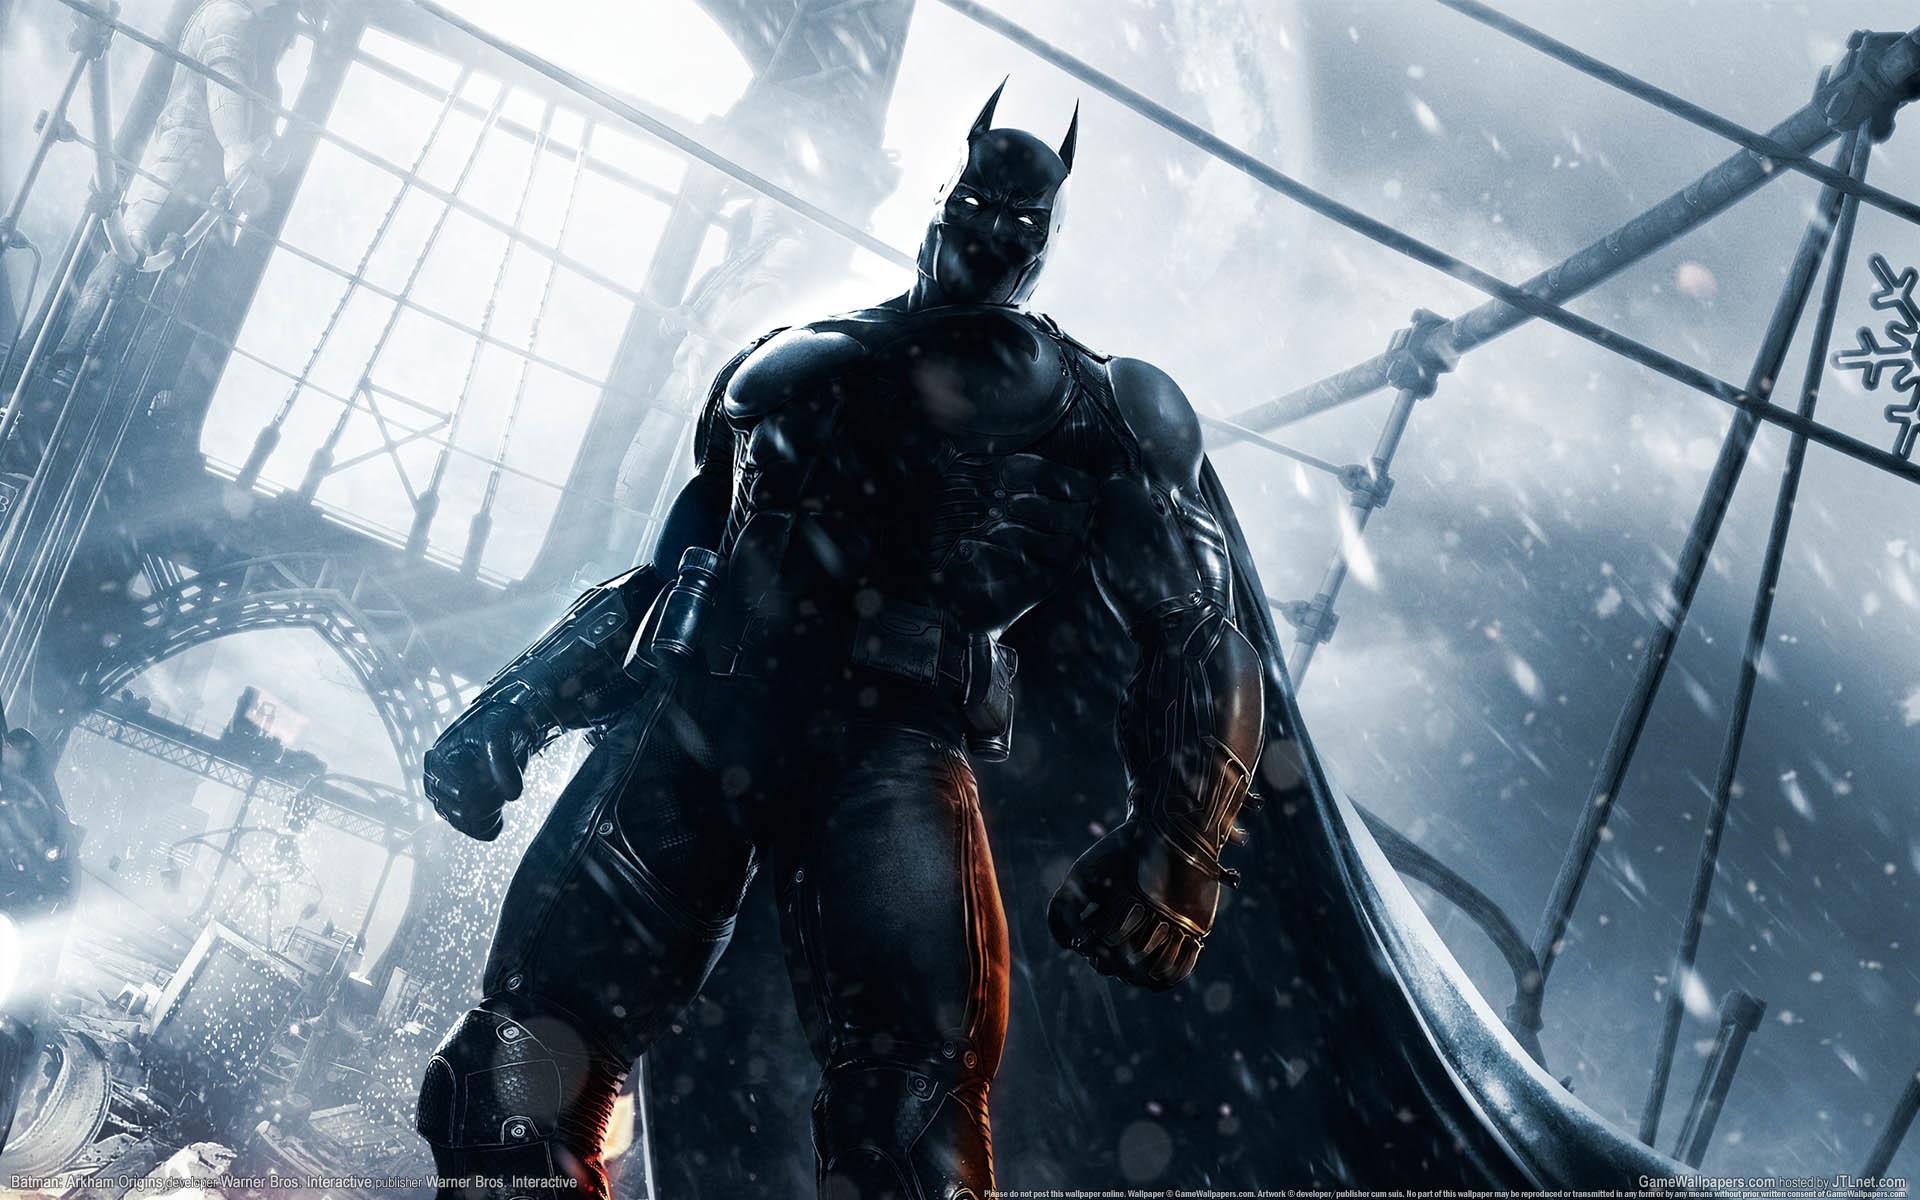 Batman: Arkham Origins HD wallpaper 1 /2